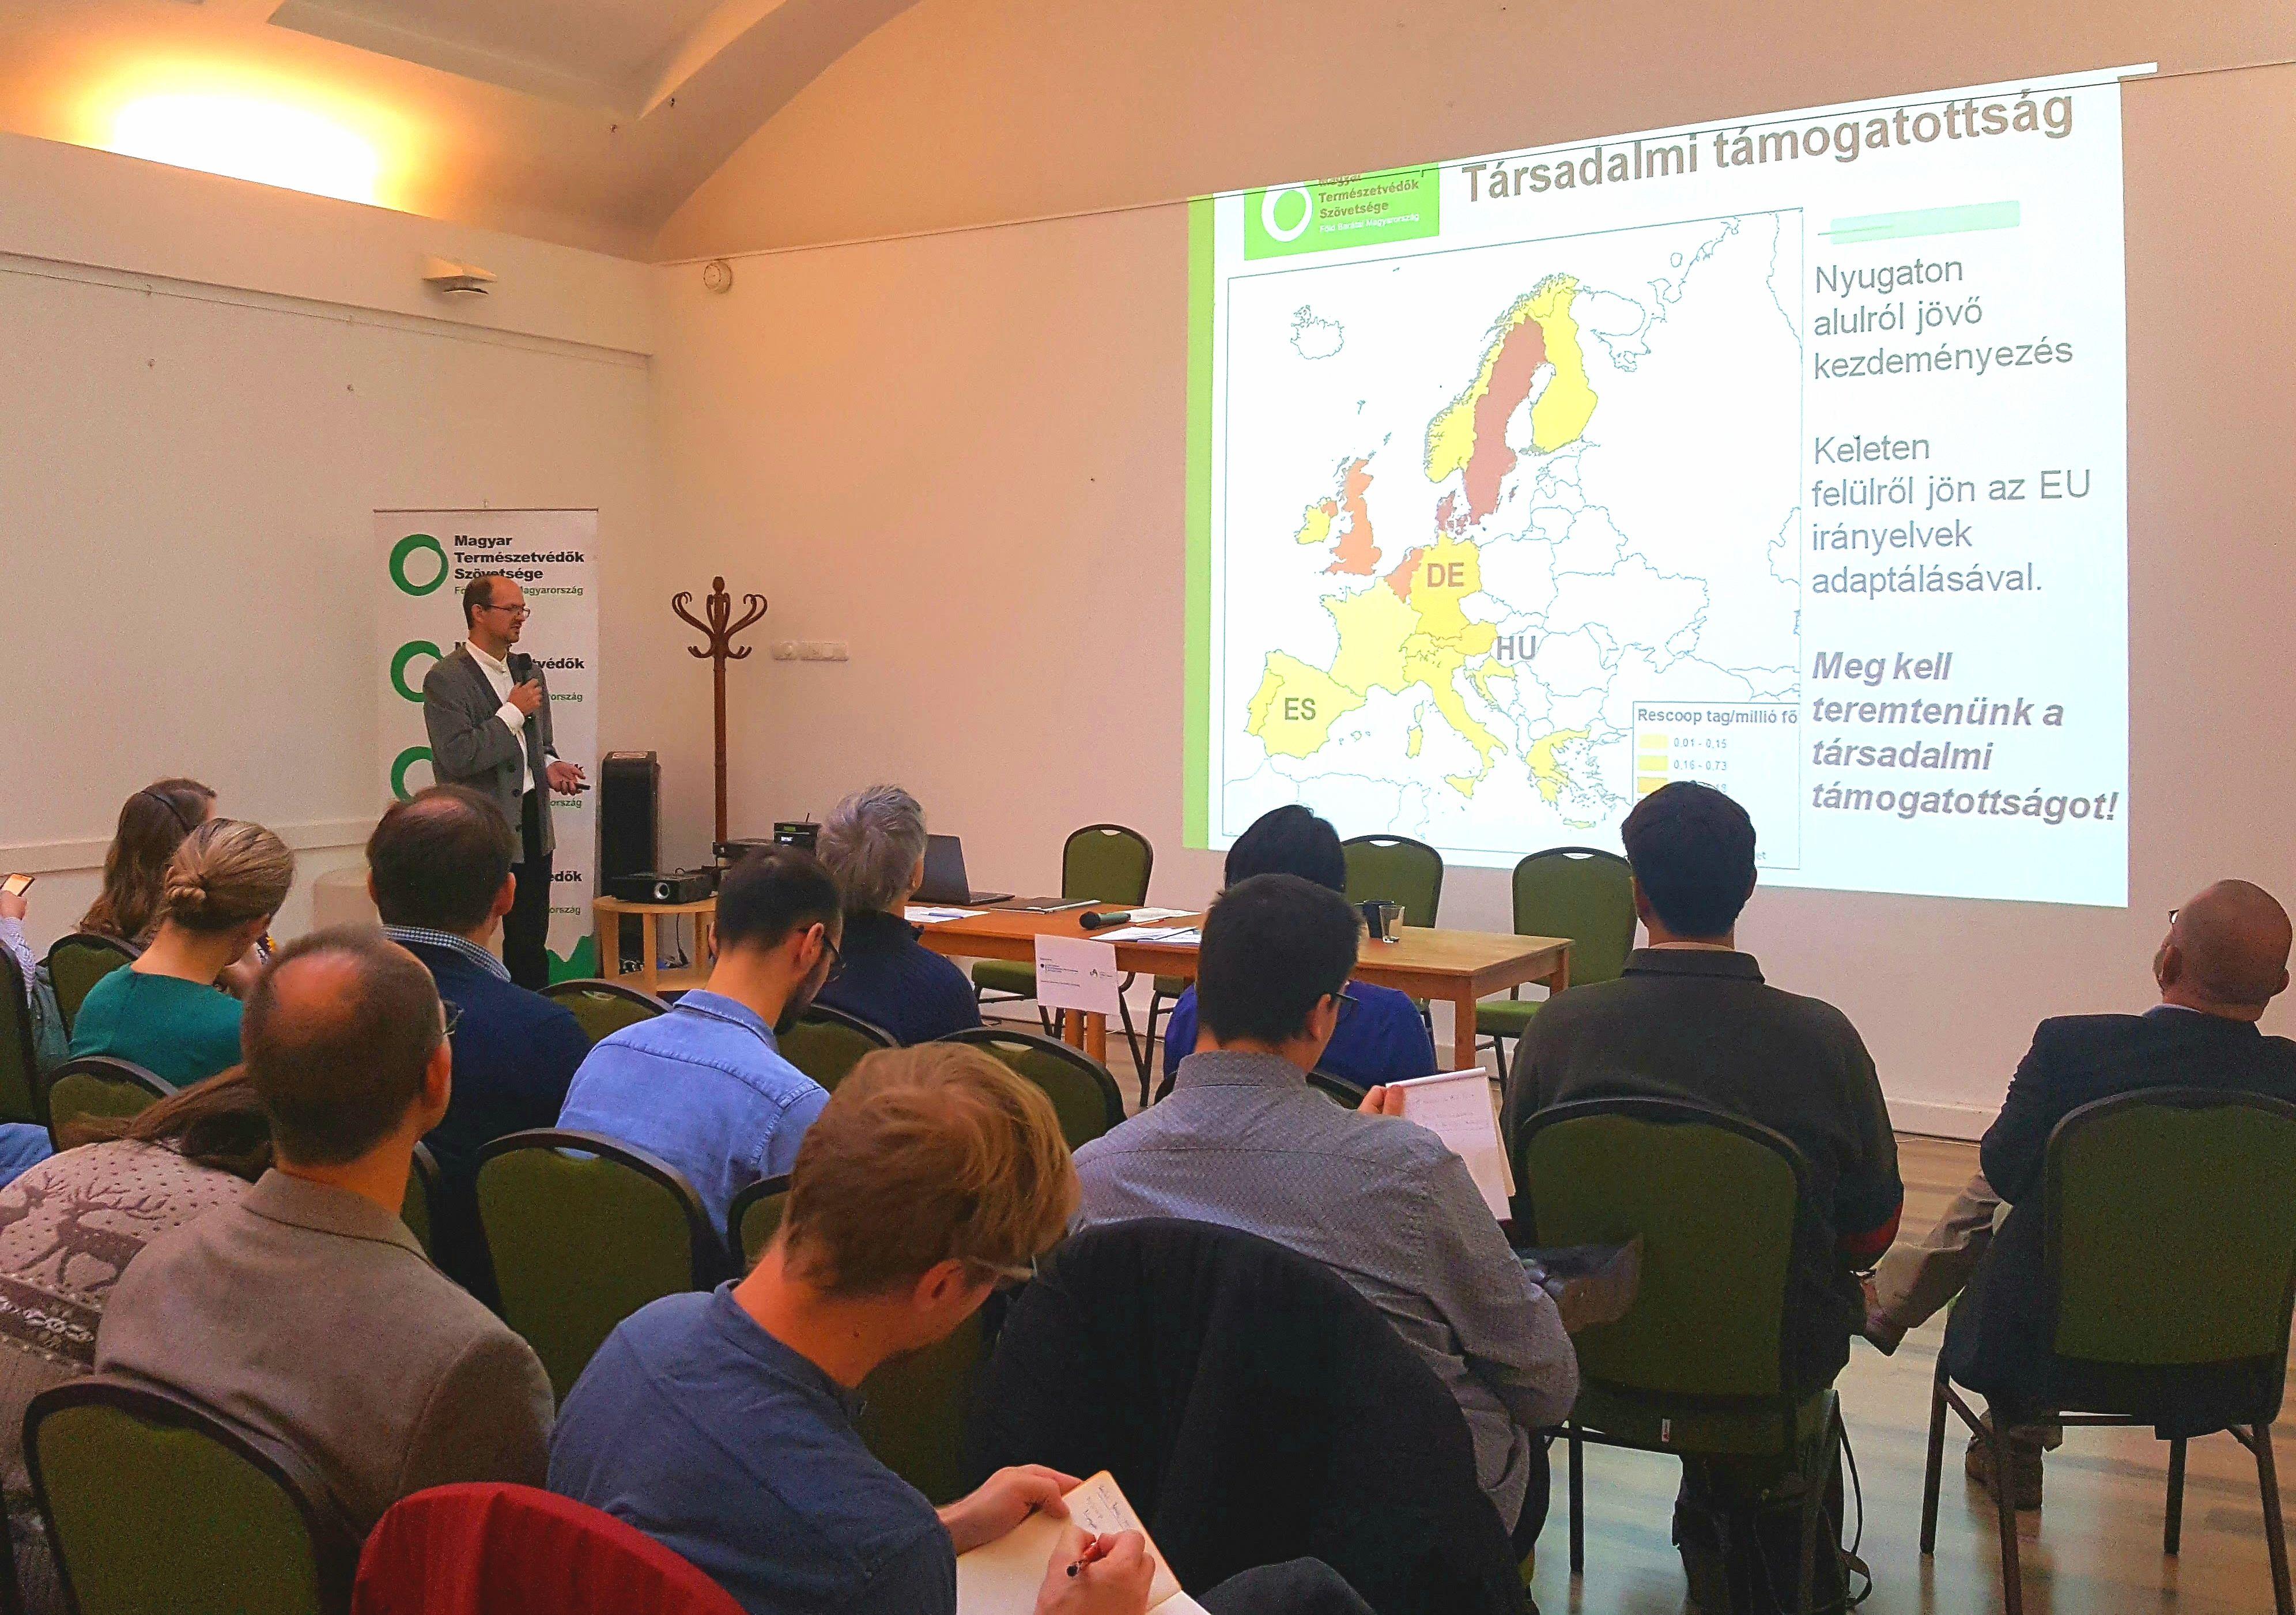 Präsentation von Bence Kovács beim öffentlichen Forum in Budapest.